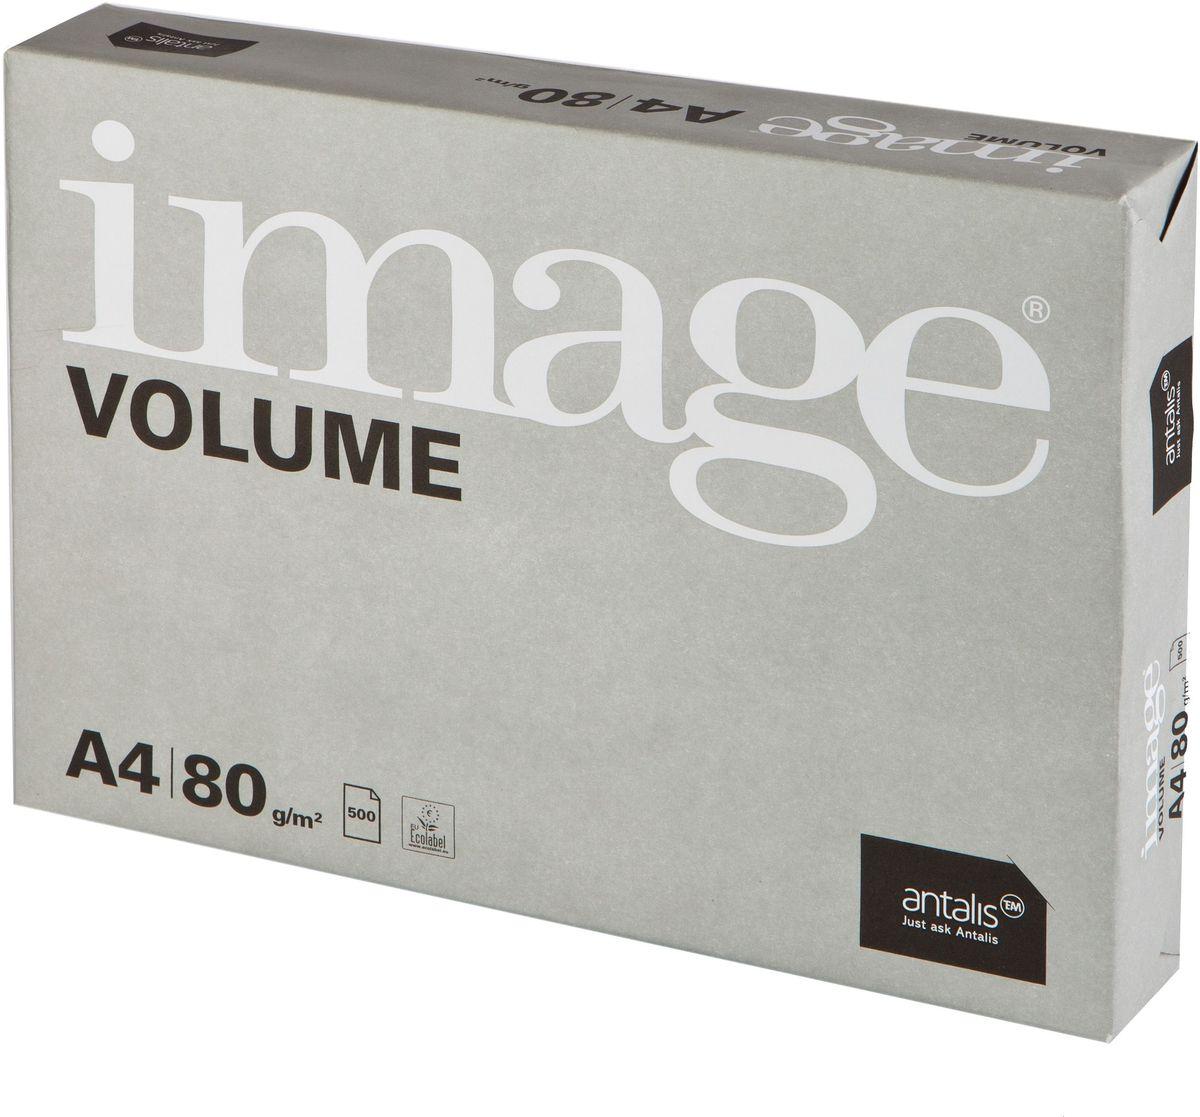 Image Бумага для принтера Volume формат А4 500 листов